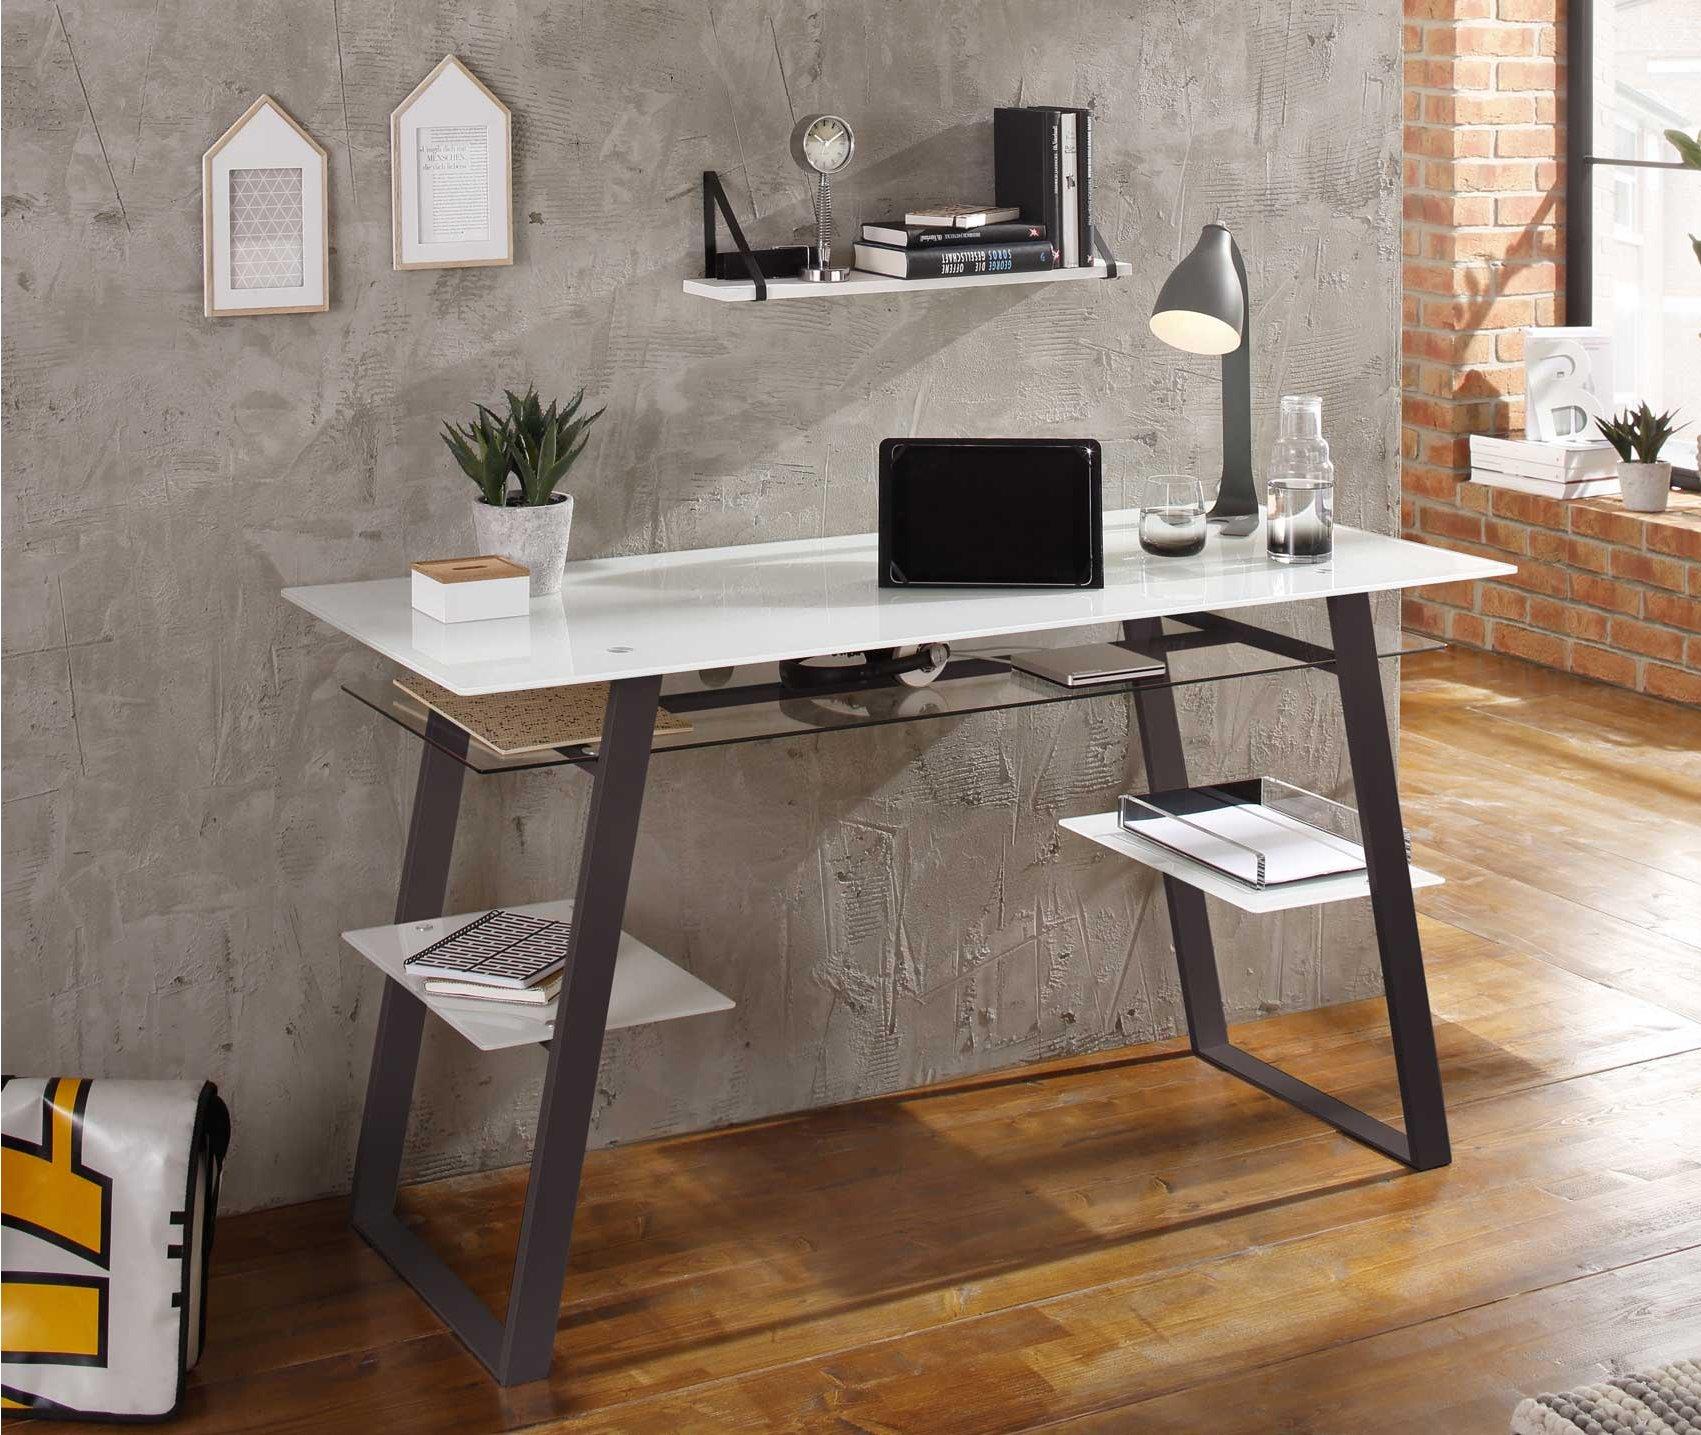 Maja 5006 9046 Kibo Glass Home Study Desk White Workstation